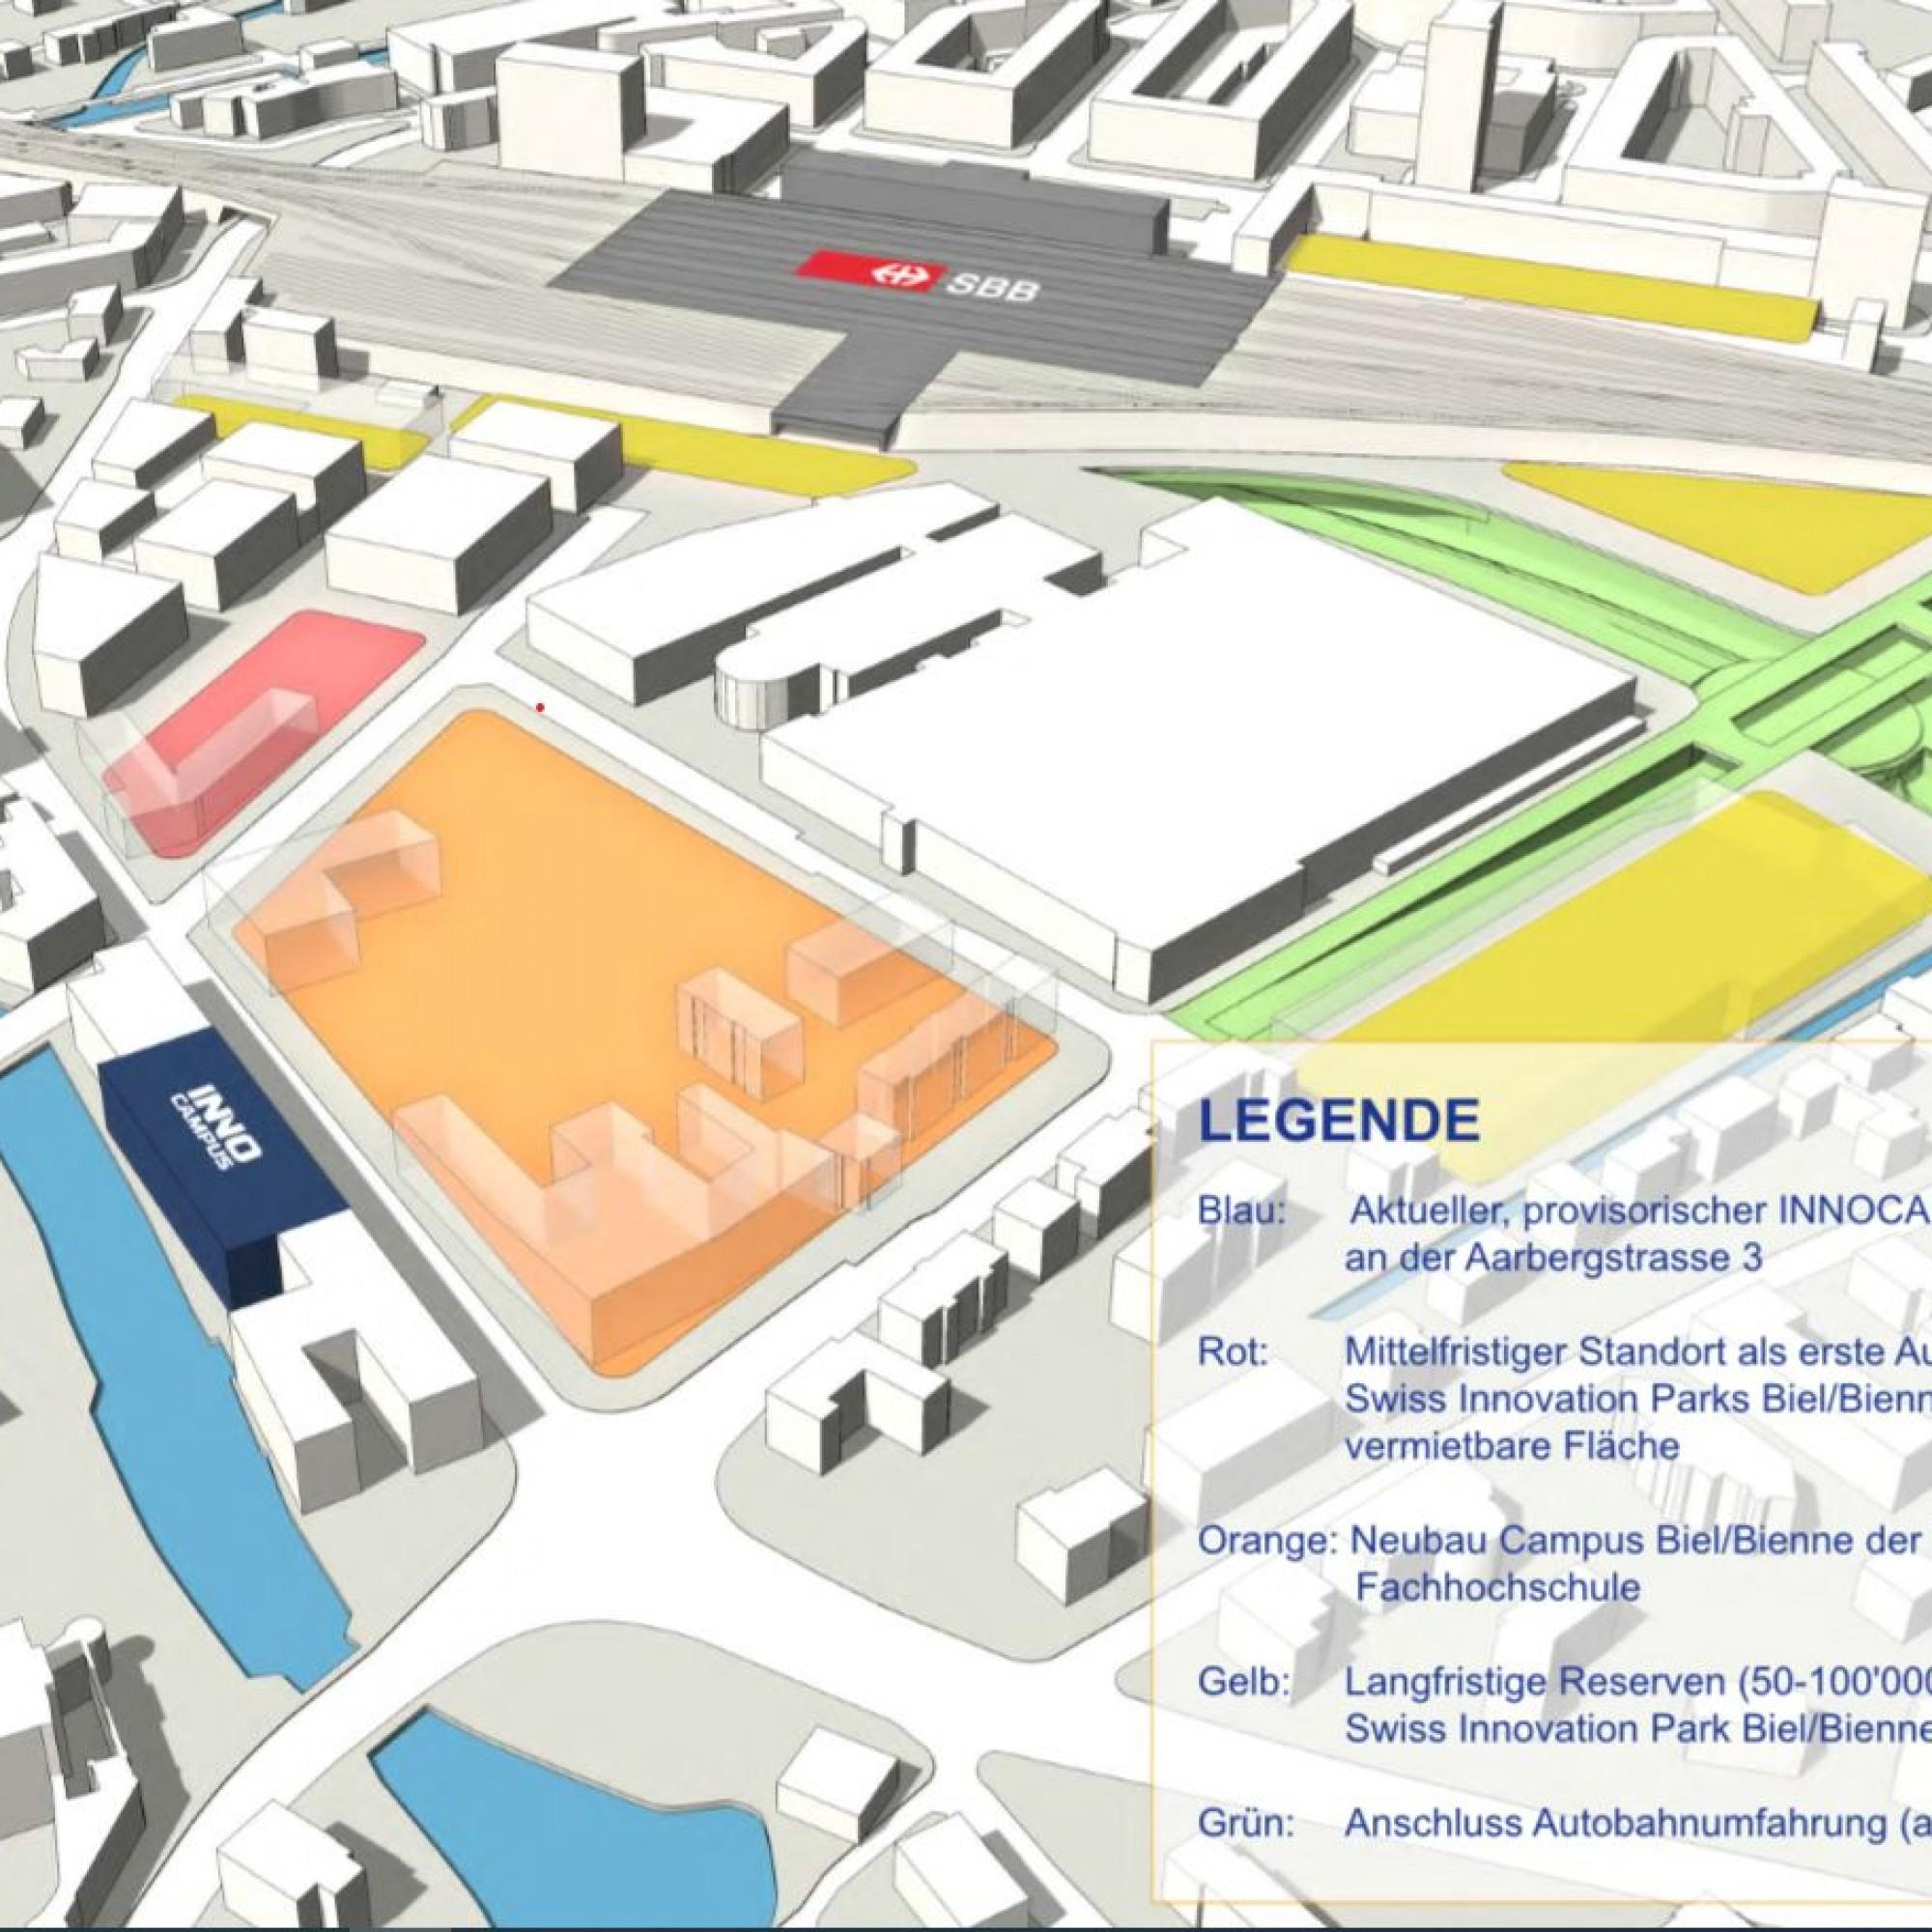 La zone en orange sera dévolue aux filières de formation de la Haute école spécialisée bernoise.